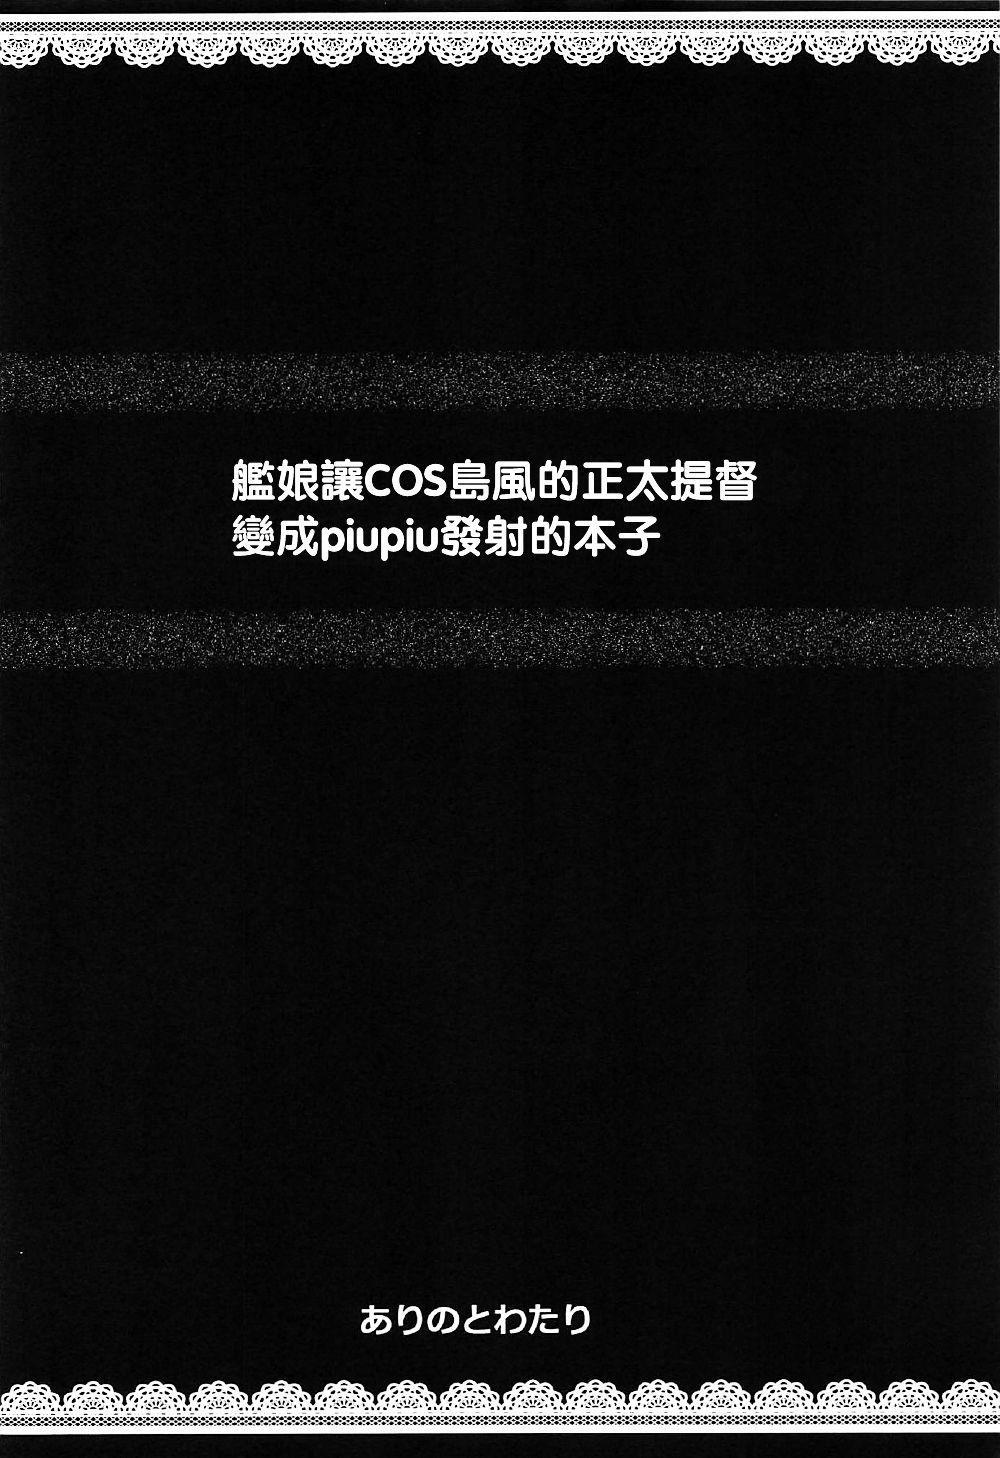 Shimakaze-kun Cos no Shota Teitoku o Kanmusu ga Pyupyu Saseru Hon! 2